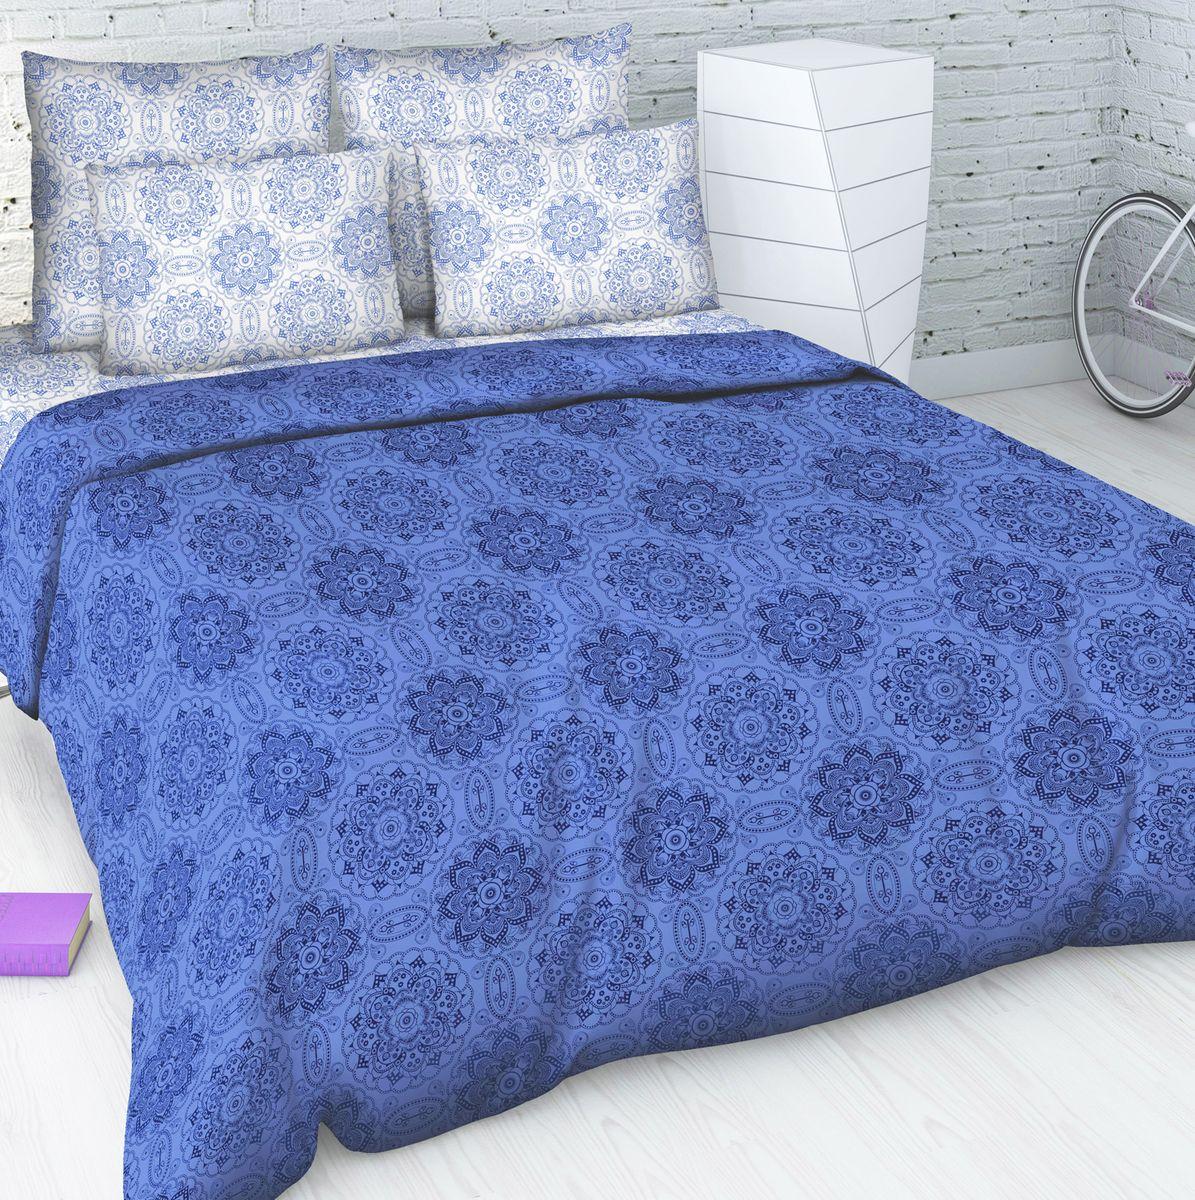 Комплект белья Василиса, семейный, наволочки 70х70, цвет: белый, голубой. 5061_1/с5061_1/сКомплект постельного белья Василиса состоит из двух пододеяльников, простыни и двух наволочек. Белье производится из высококачественной бязи (100% хлопка).Использование особо тонкой пряжи делает ткань мягче на ощупь, обеспечивает легкое глажение и позволяет передать всю насыщенность цветовой гаммы. Благодаря более плотному переплетению нитей и использованию высококачественных импортных красителей постельное белье выдерживает до 70 стирок.Приобретая комплект постельного белья Василиса, вы можете быть уверены в том, что покупка доставит вам удовольствие и подарит максимальный комфорт.